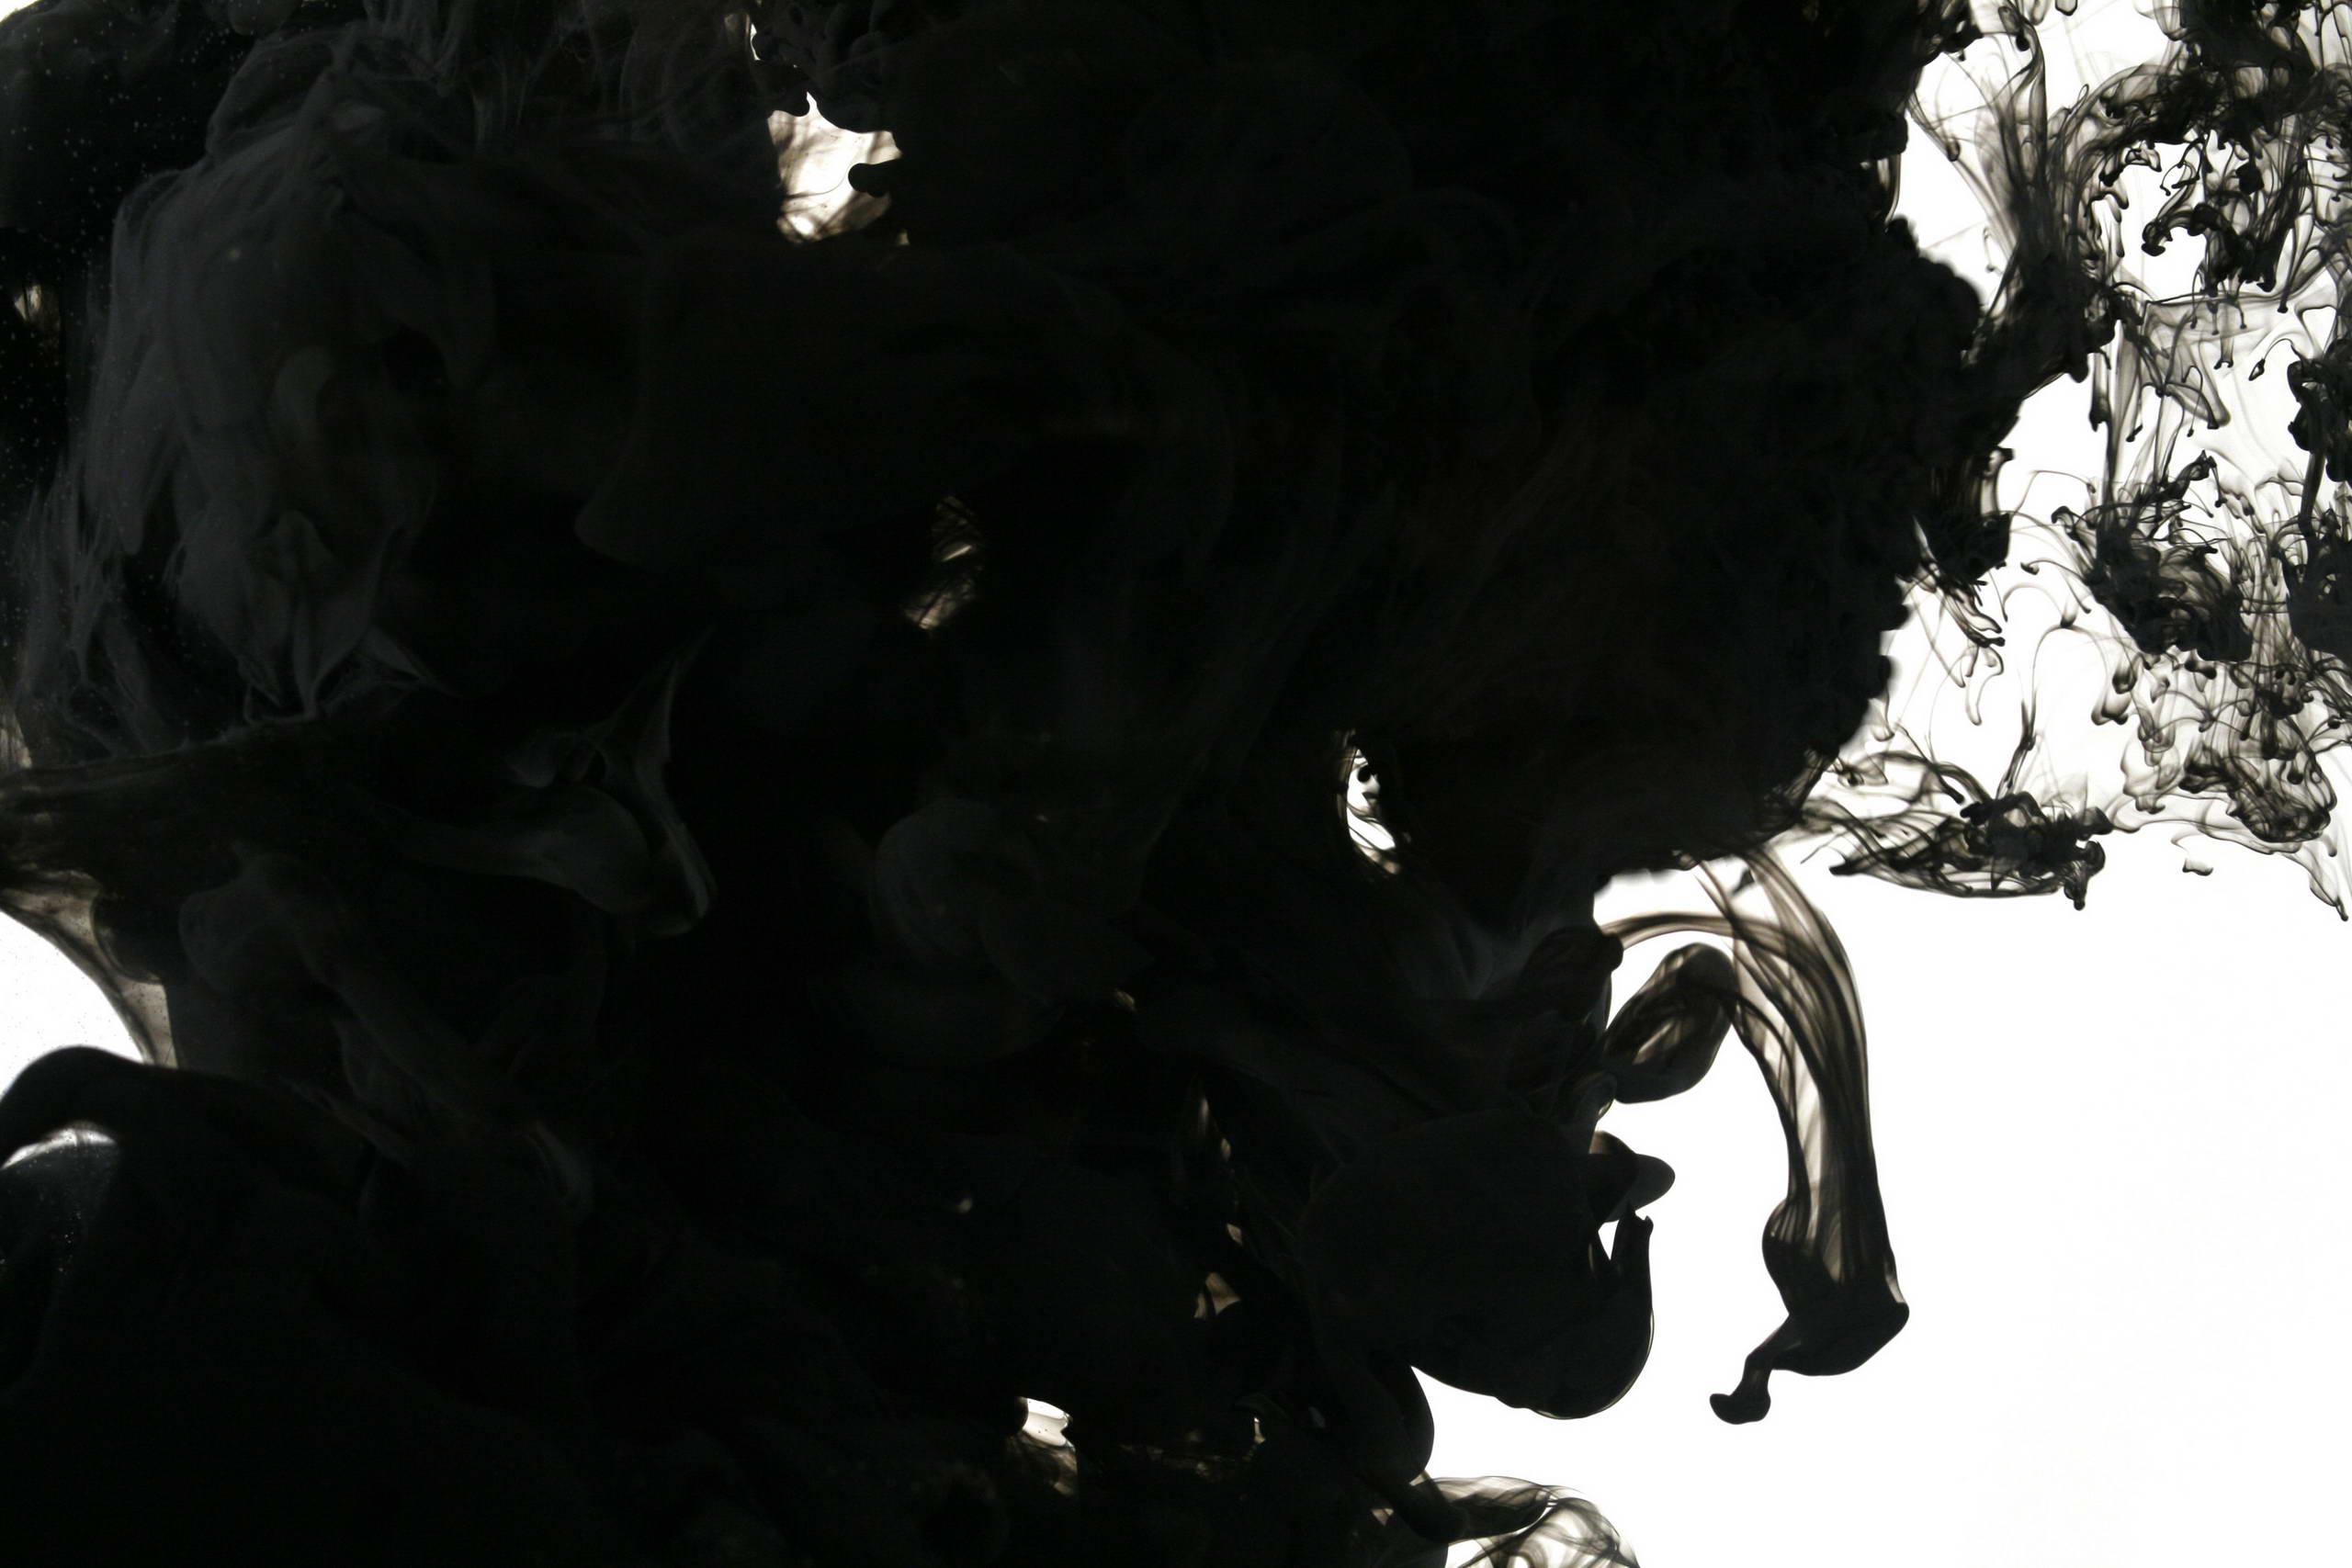 74 Black Smoke Wallpaper On Wallpapersafari